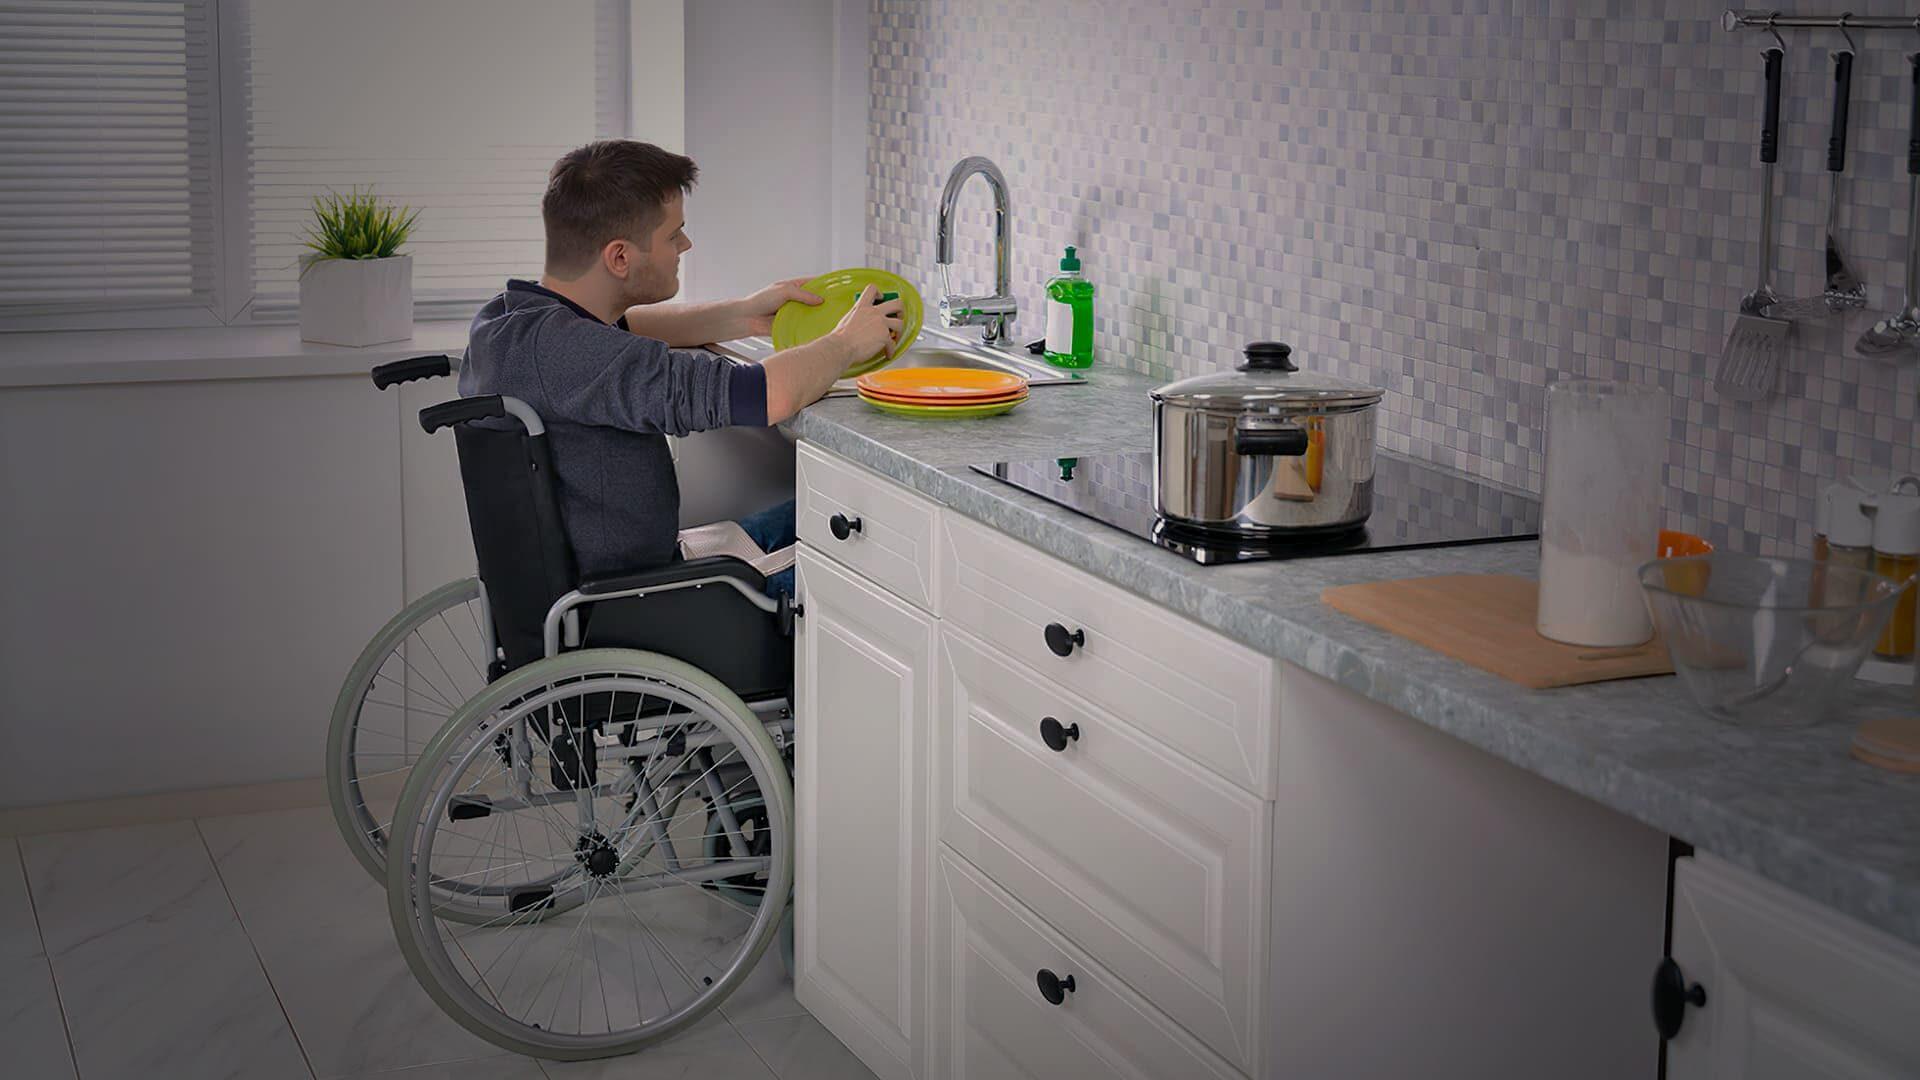 Homem em cadeira de rodas lavando a louça. Descrição na legenda do artigo sobre a importância da acessibilidade em projetos arquitetônicos.